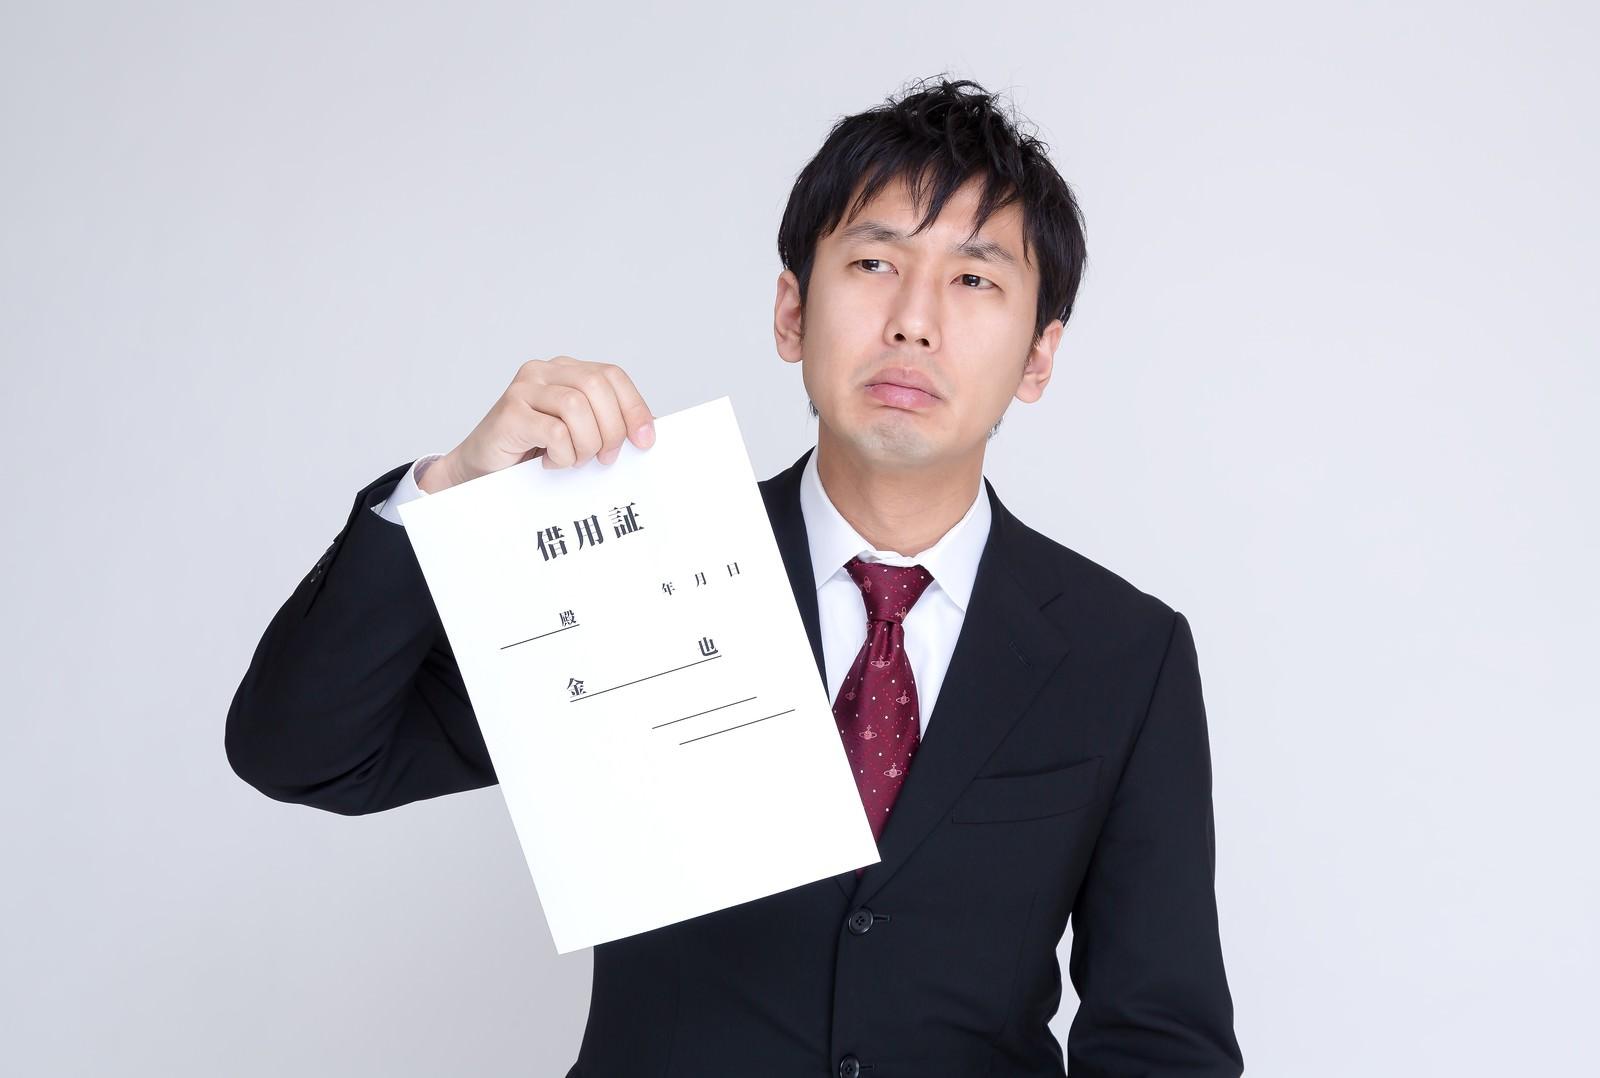 借用証はここにあります!と公の場で提示する男性のフリー素材